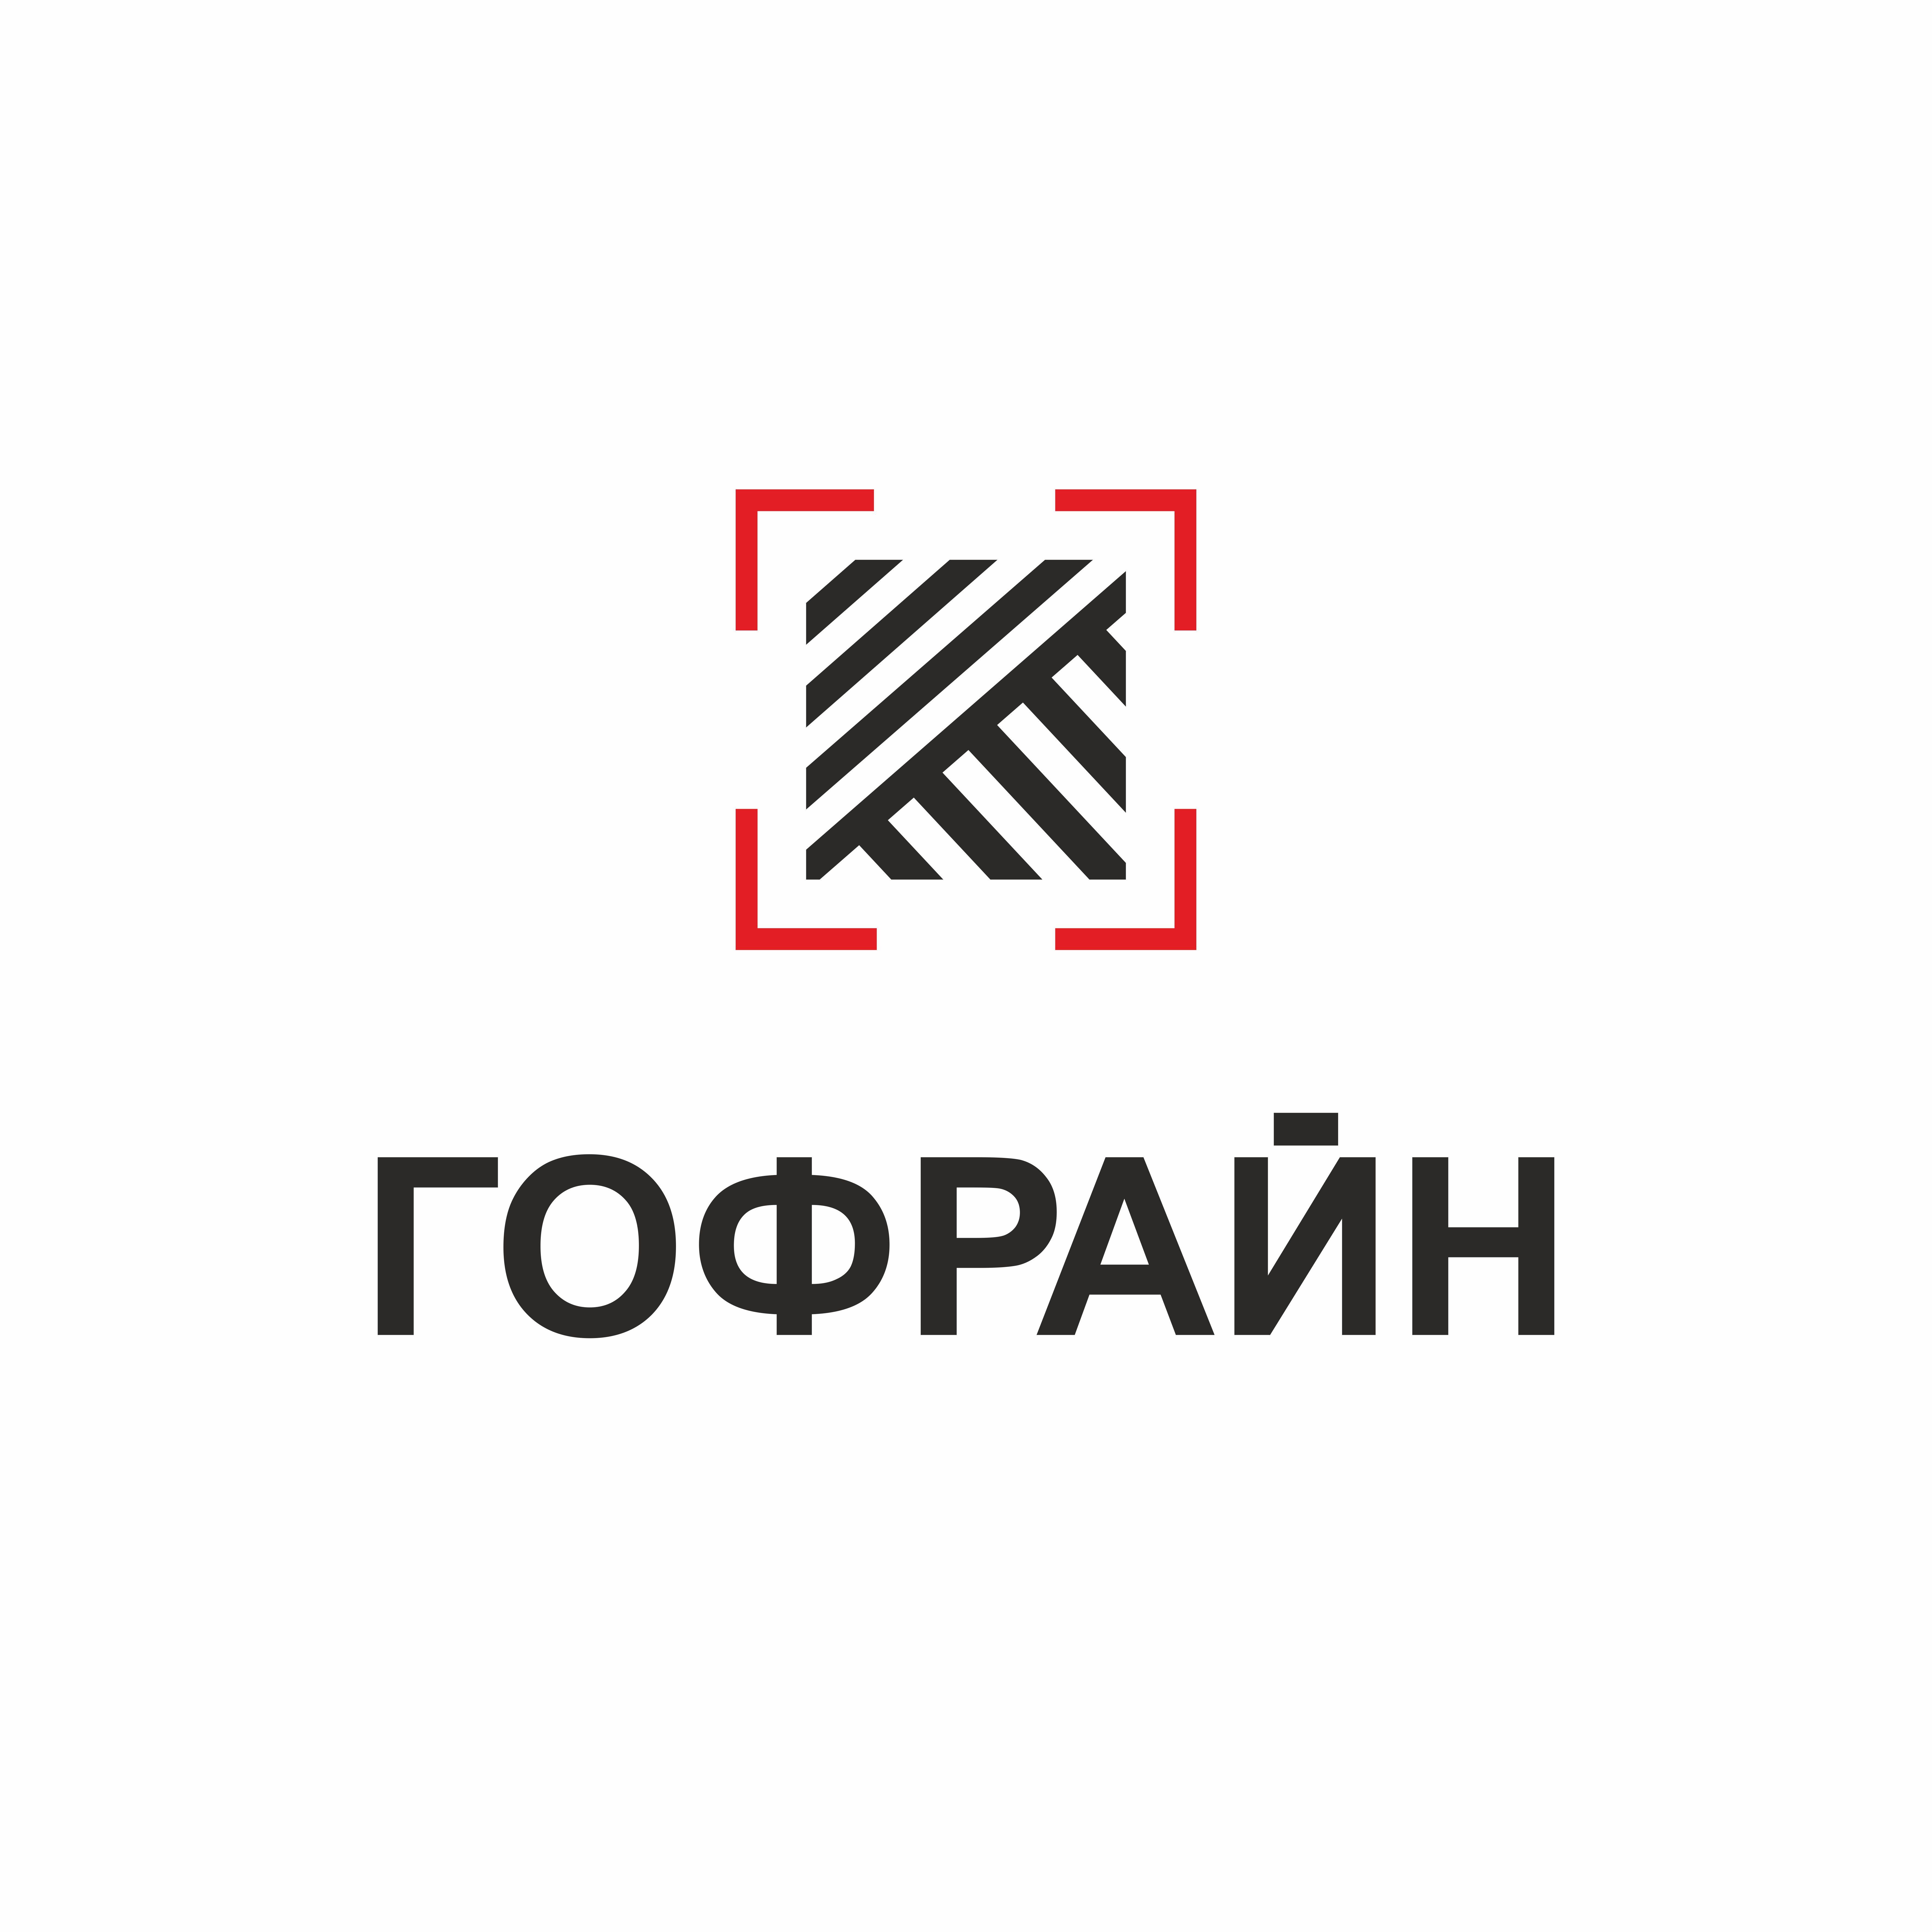 Логотип для компании по реализации упаковки из гофрокартона фото f_4155ce53c8dcce9f.jpg